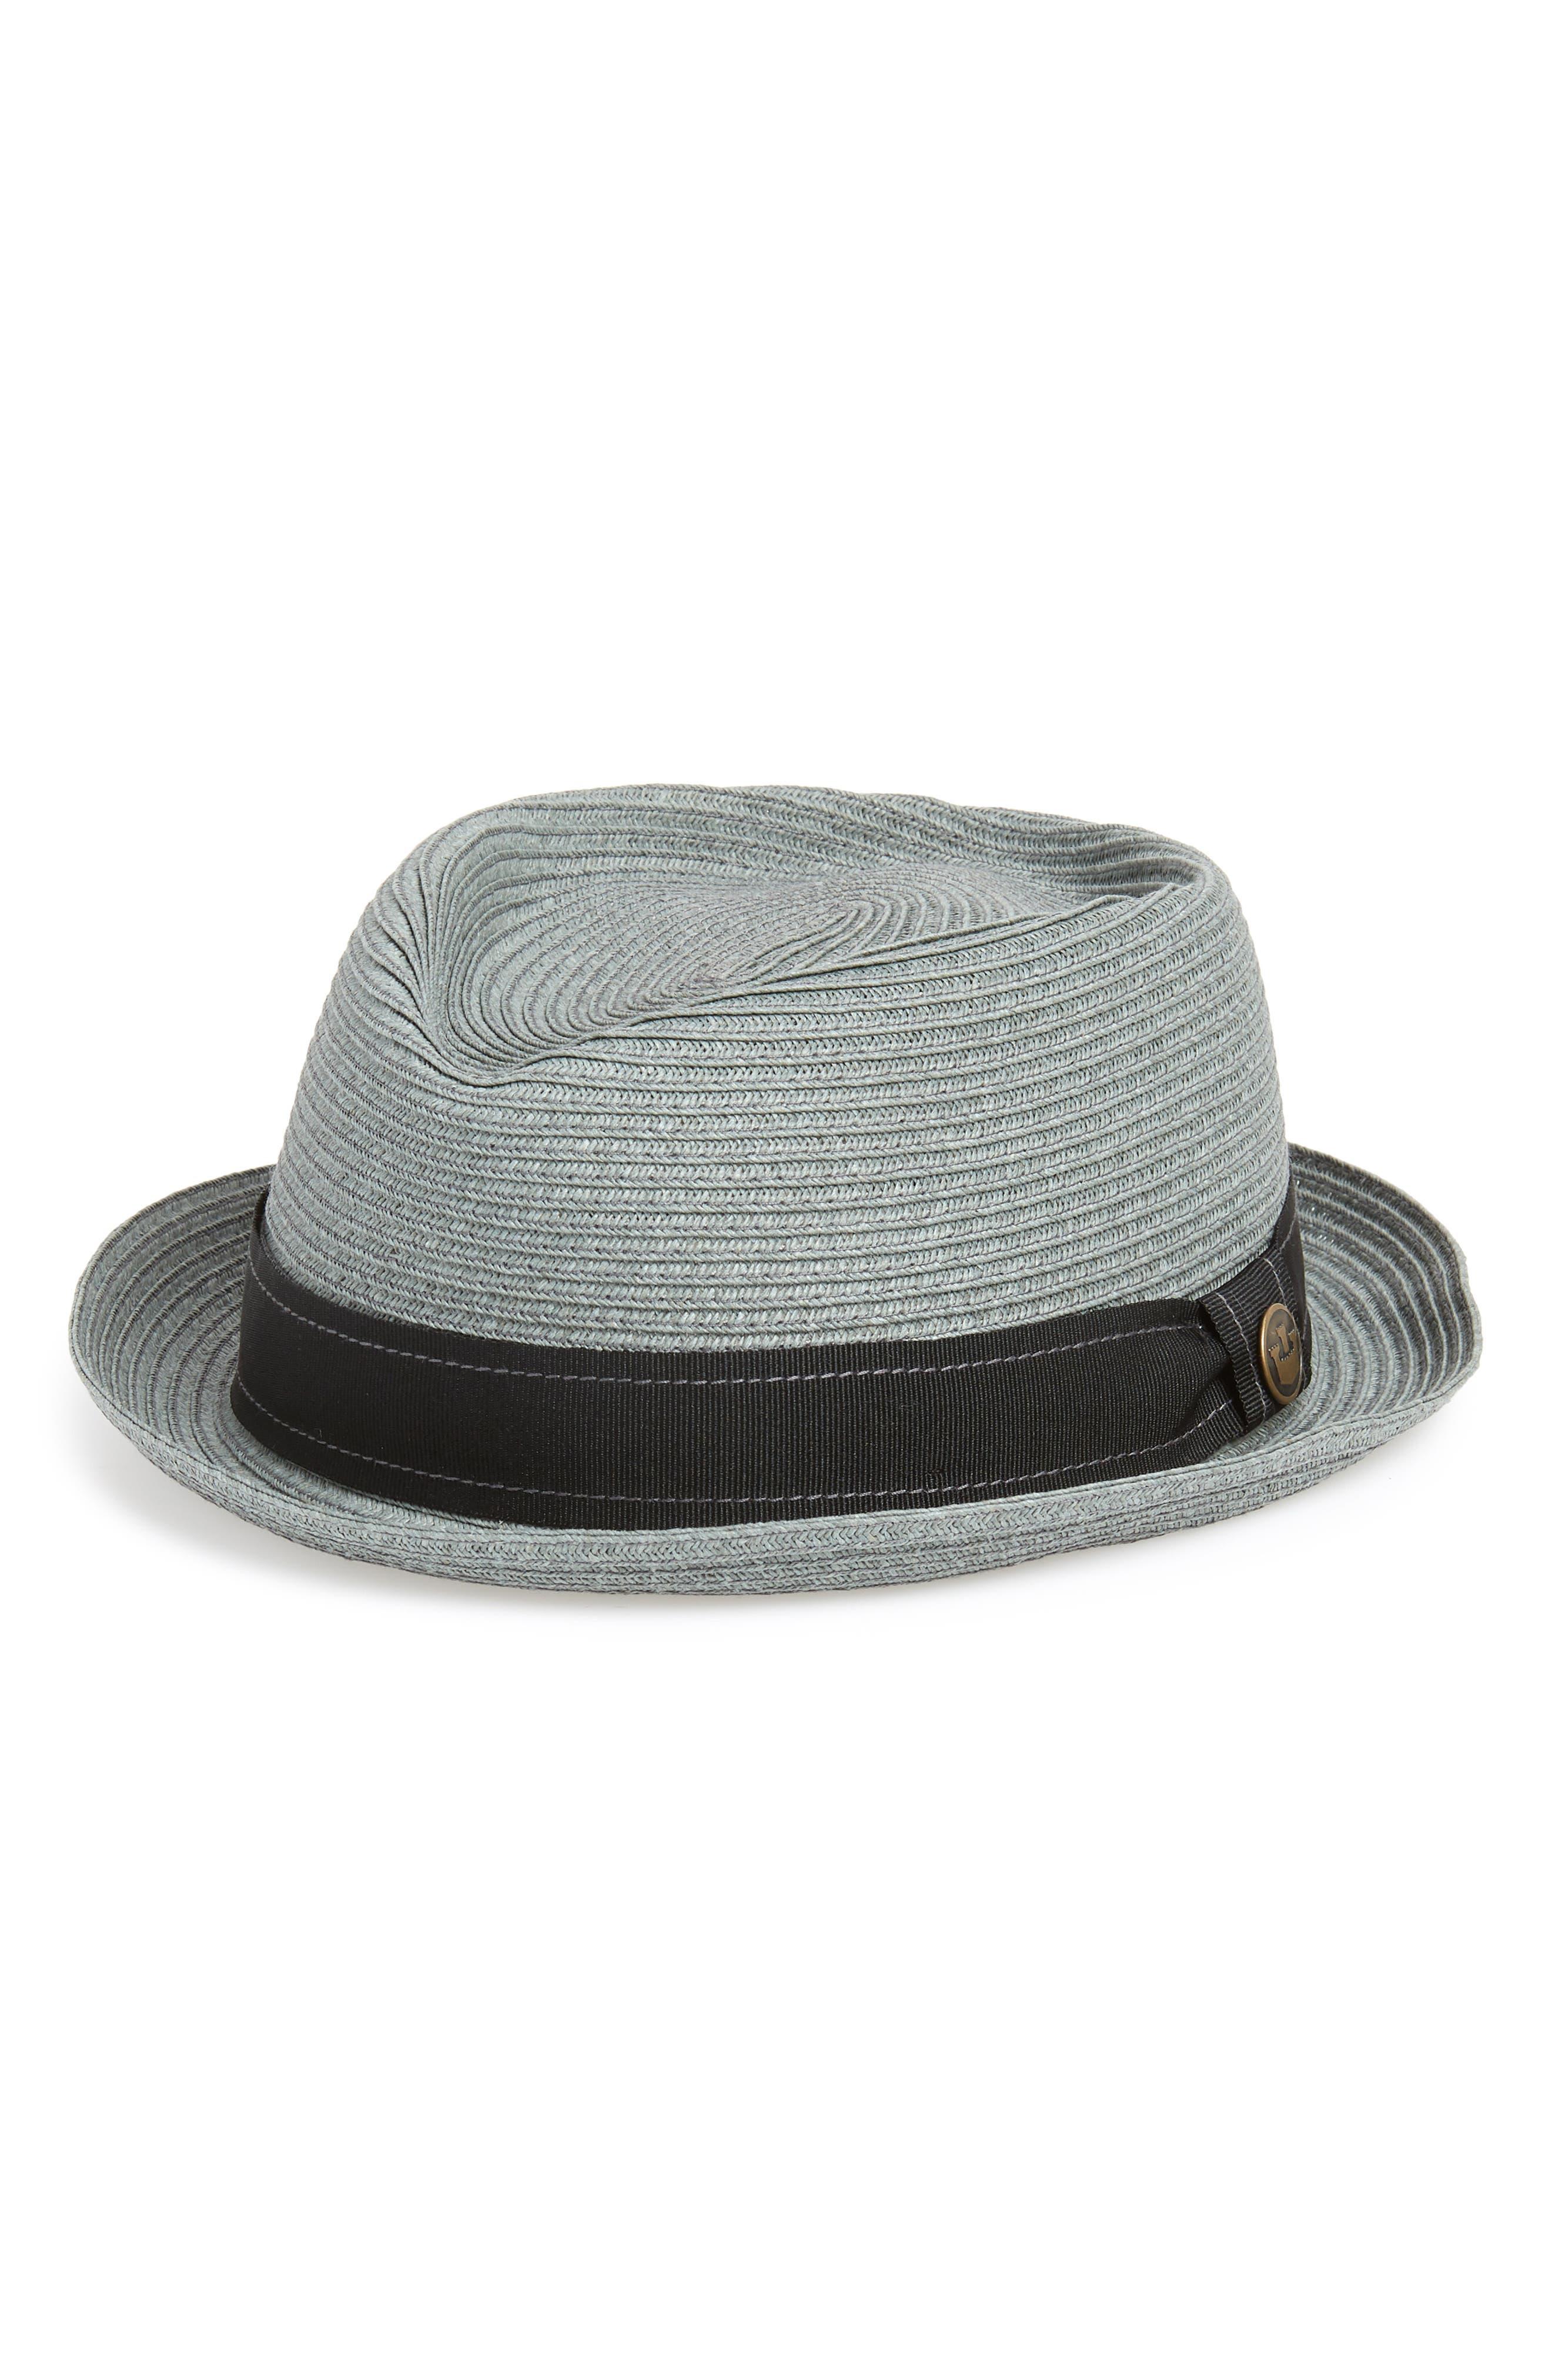 Big Joe Porkpie Hat,                         Main,                         color, SAGE